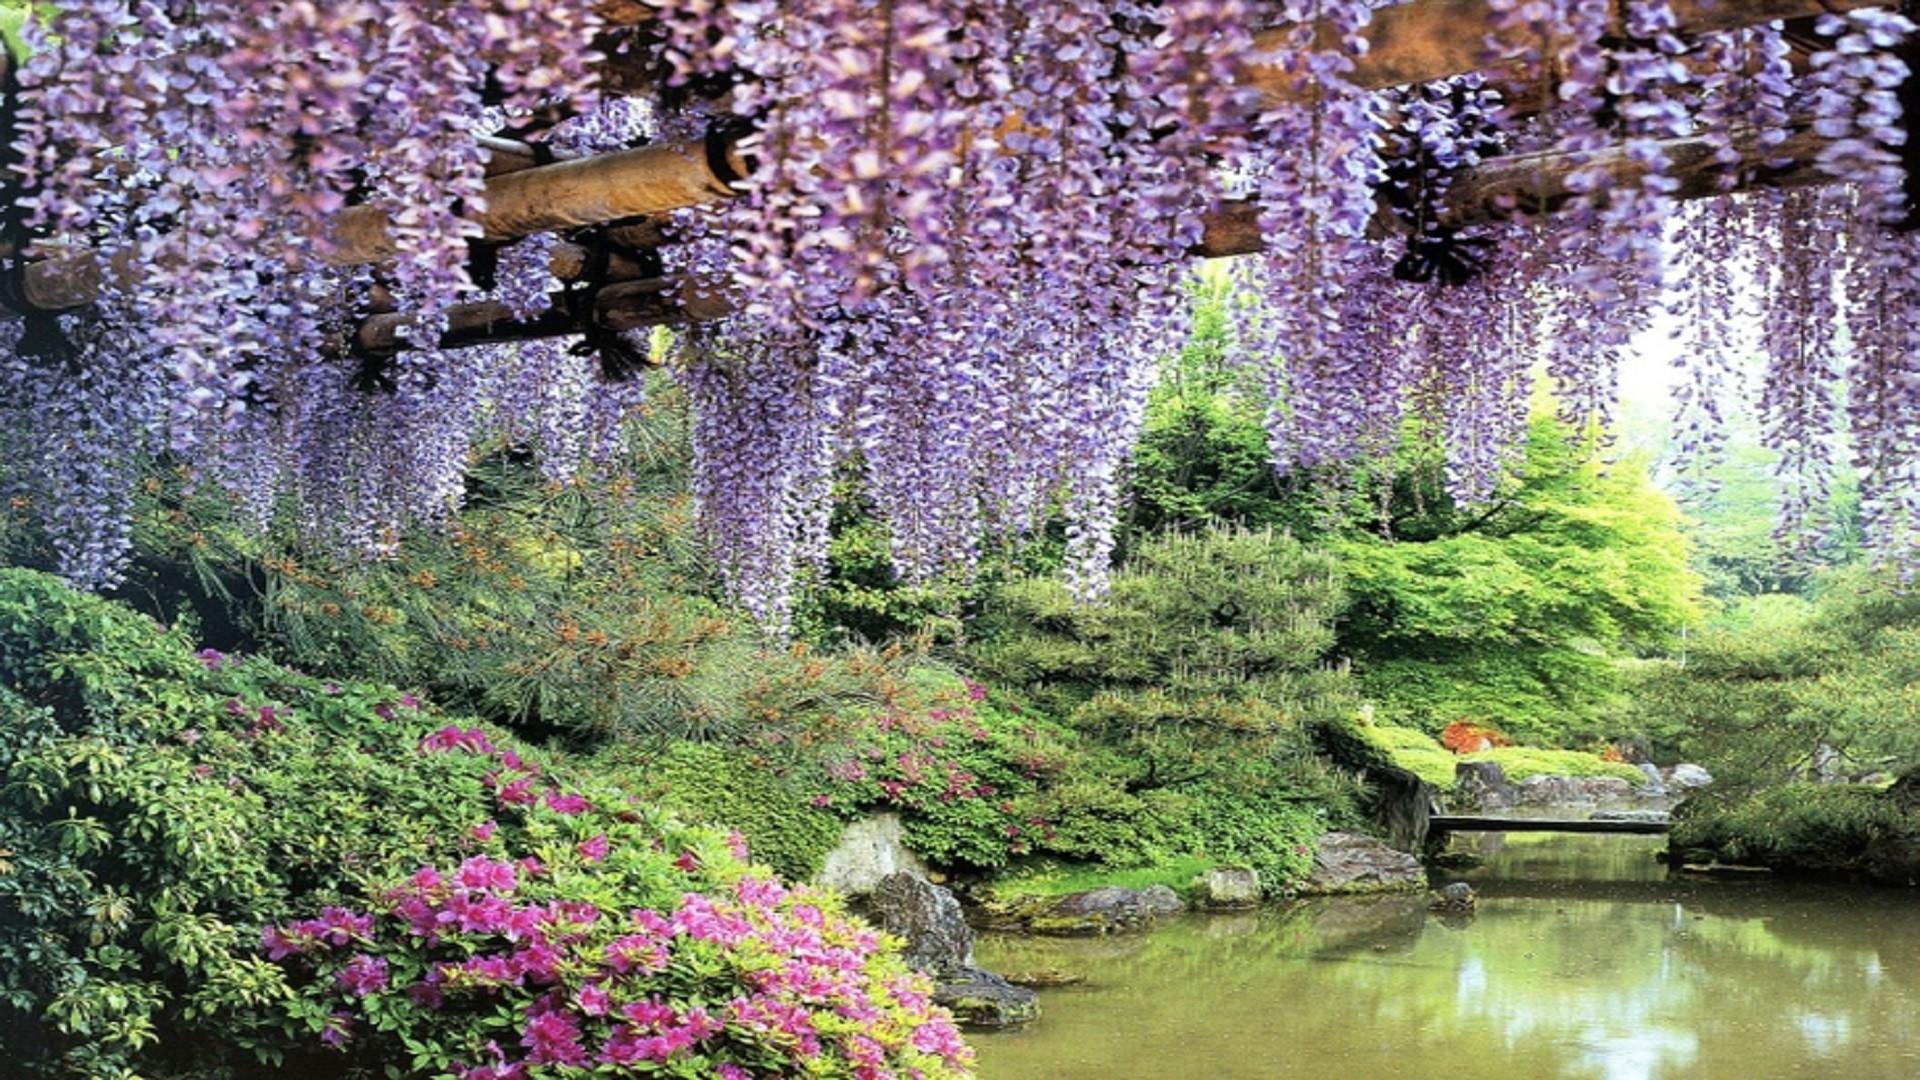 1920x1080 Blooming Garden Wallpaper